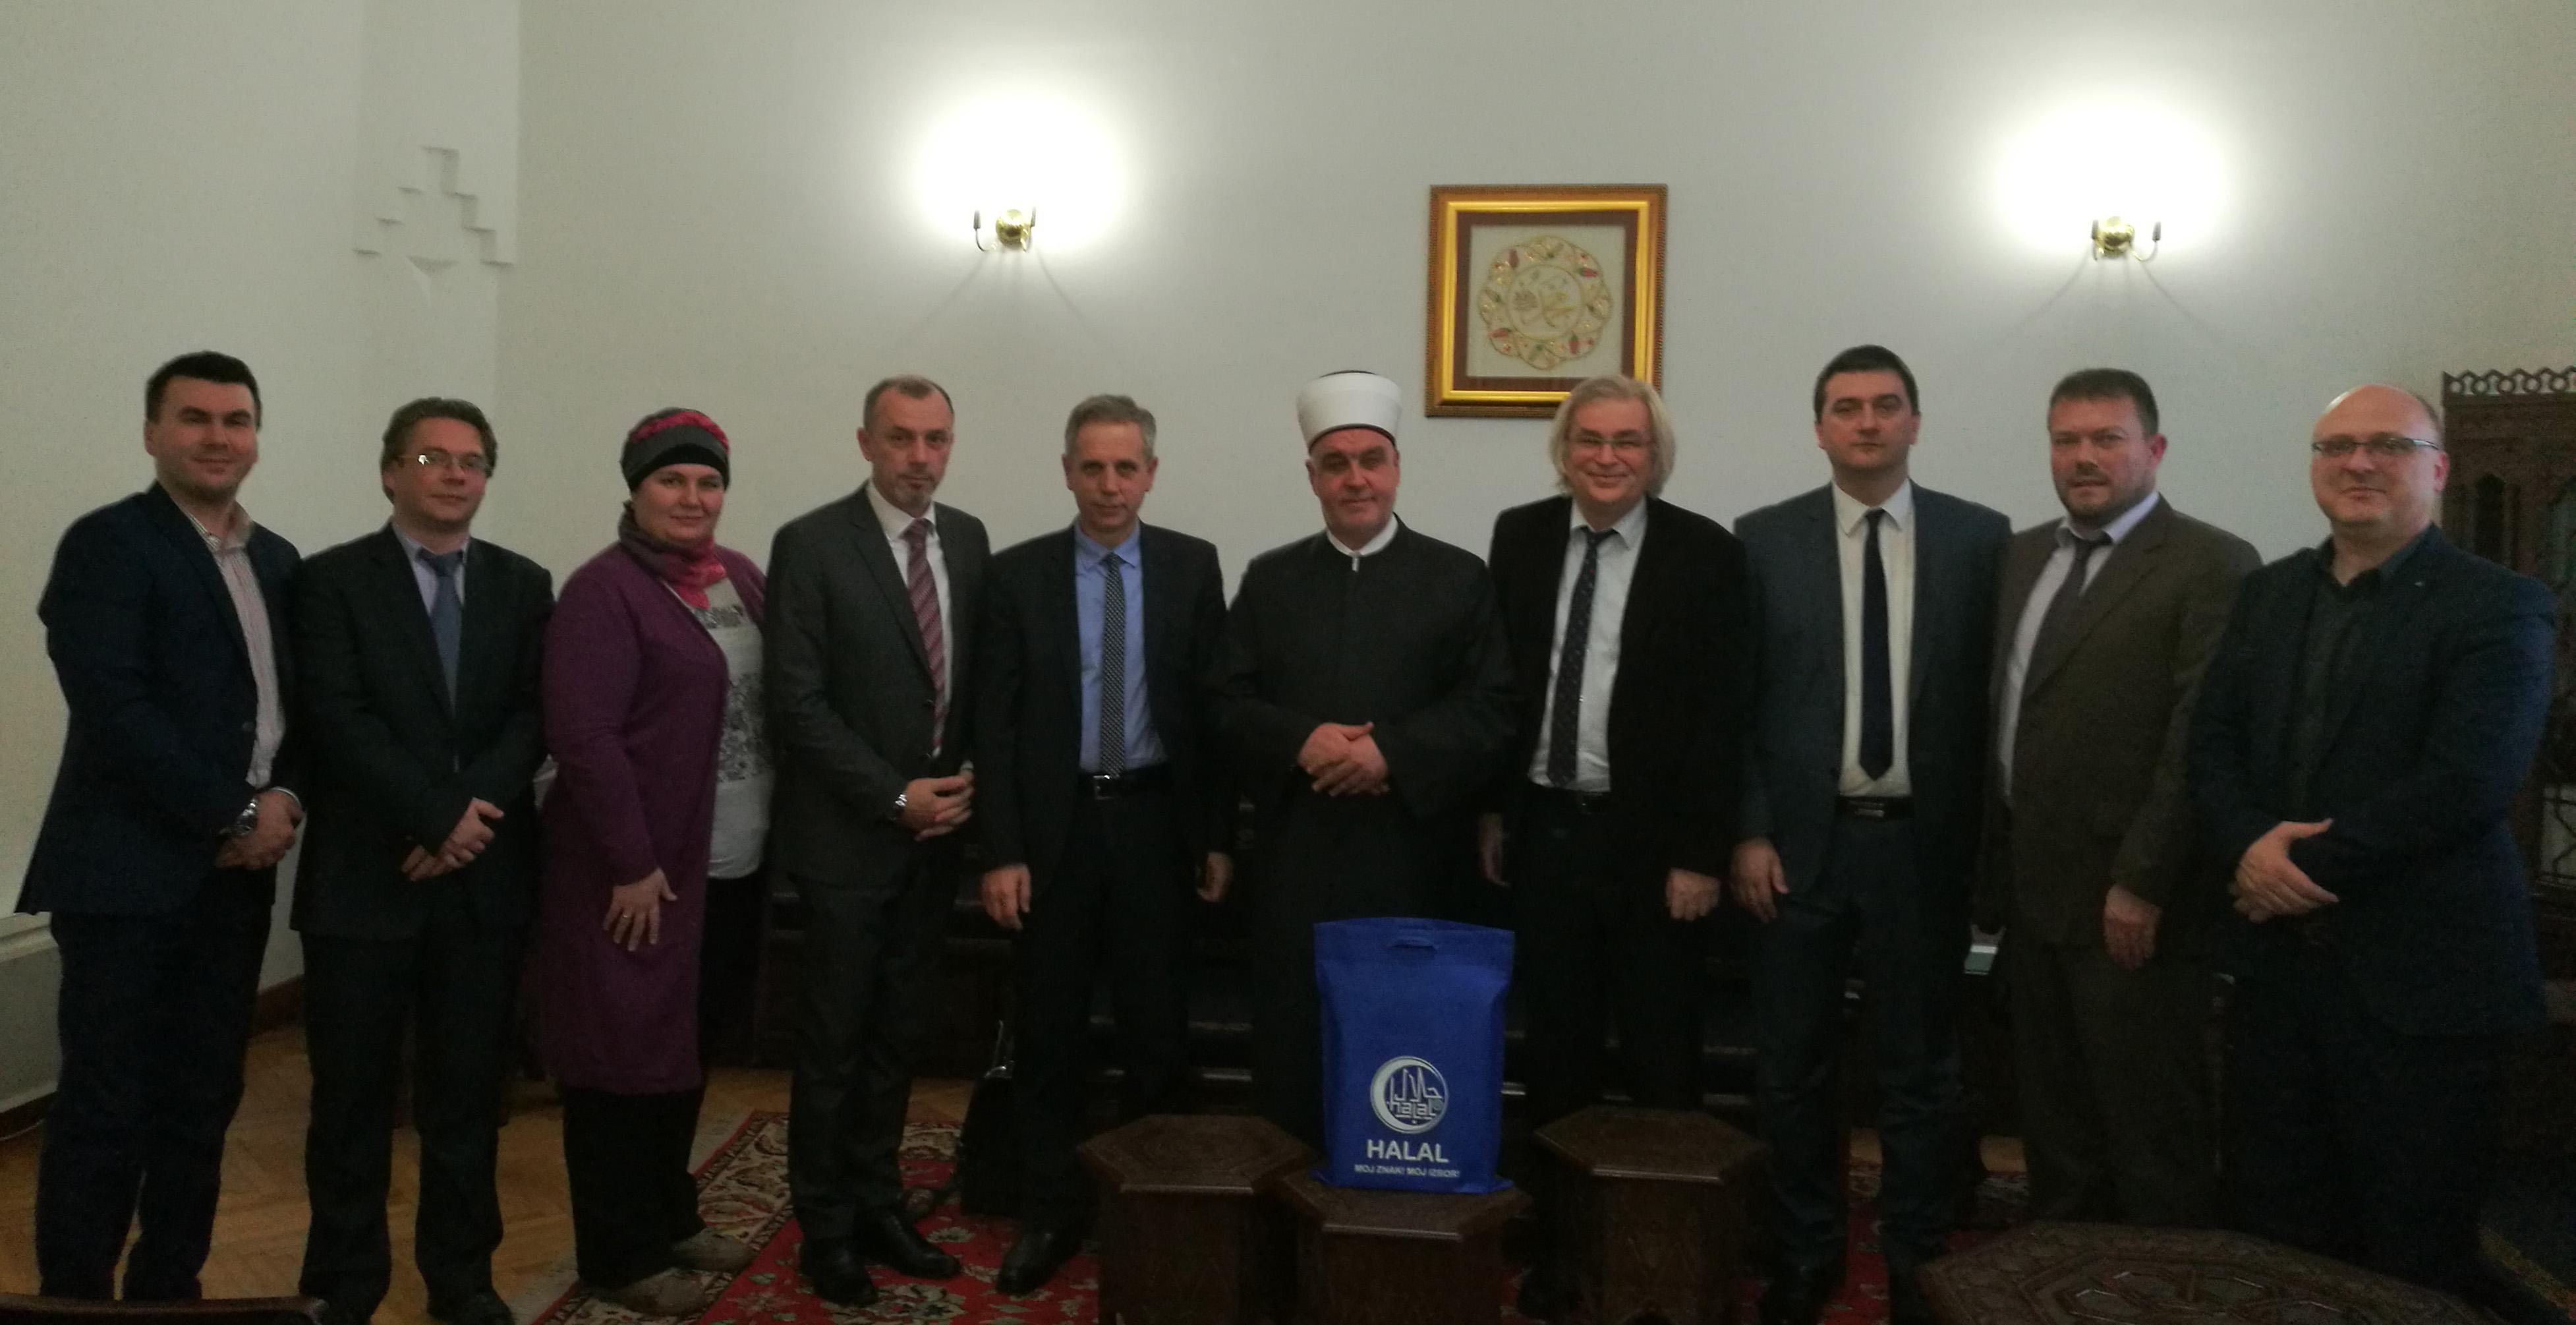 Reisul-ulema primio upravu i uposlenike Agencije za certificiranje halal kvalitete